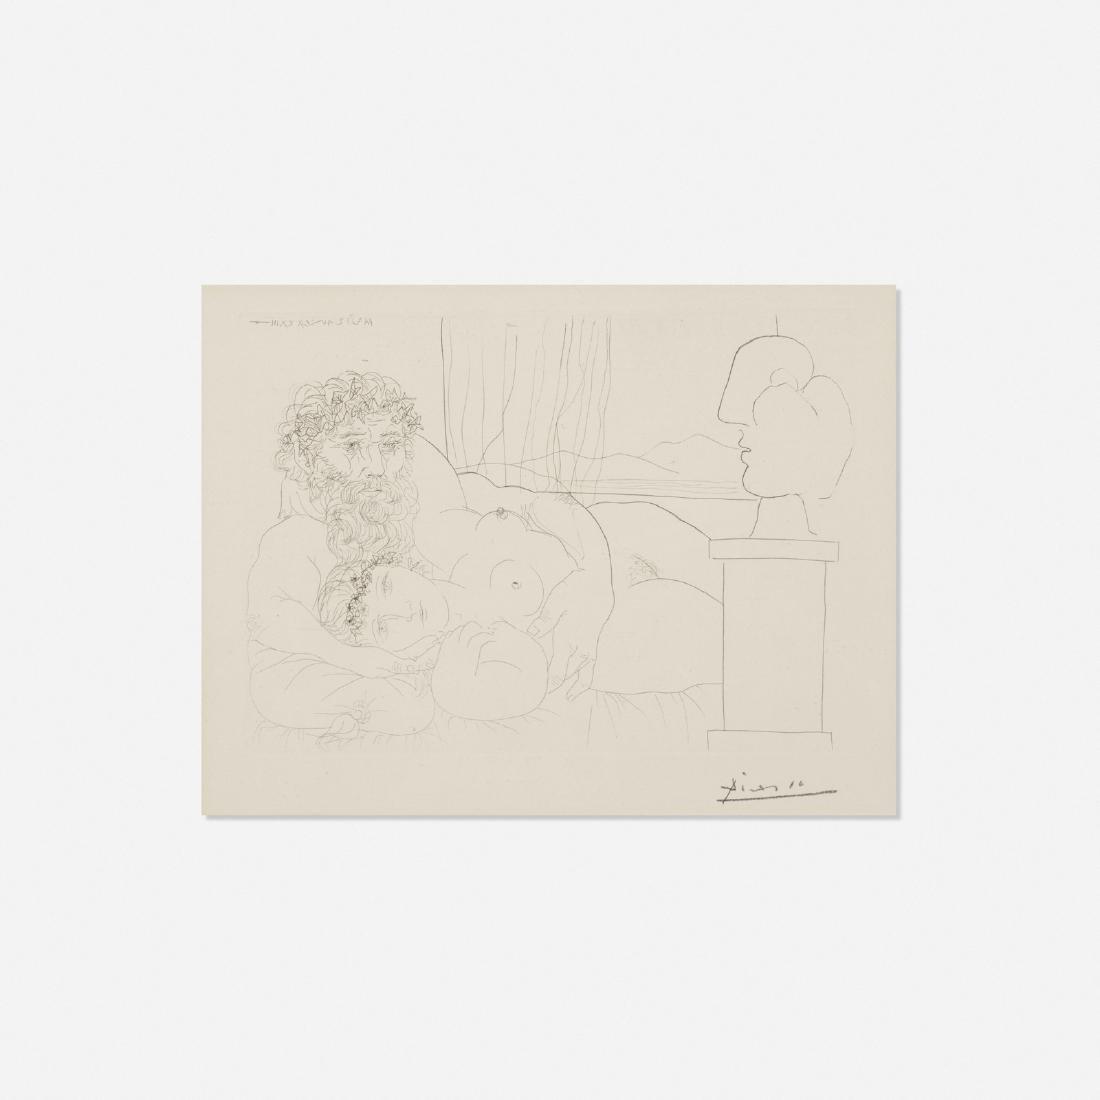 Pablo Picasso, Le Repos de Sculpteur, I